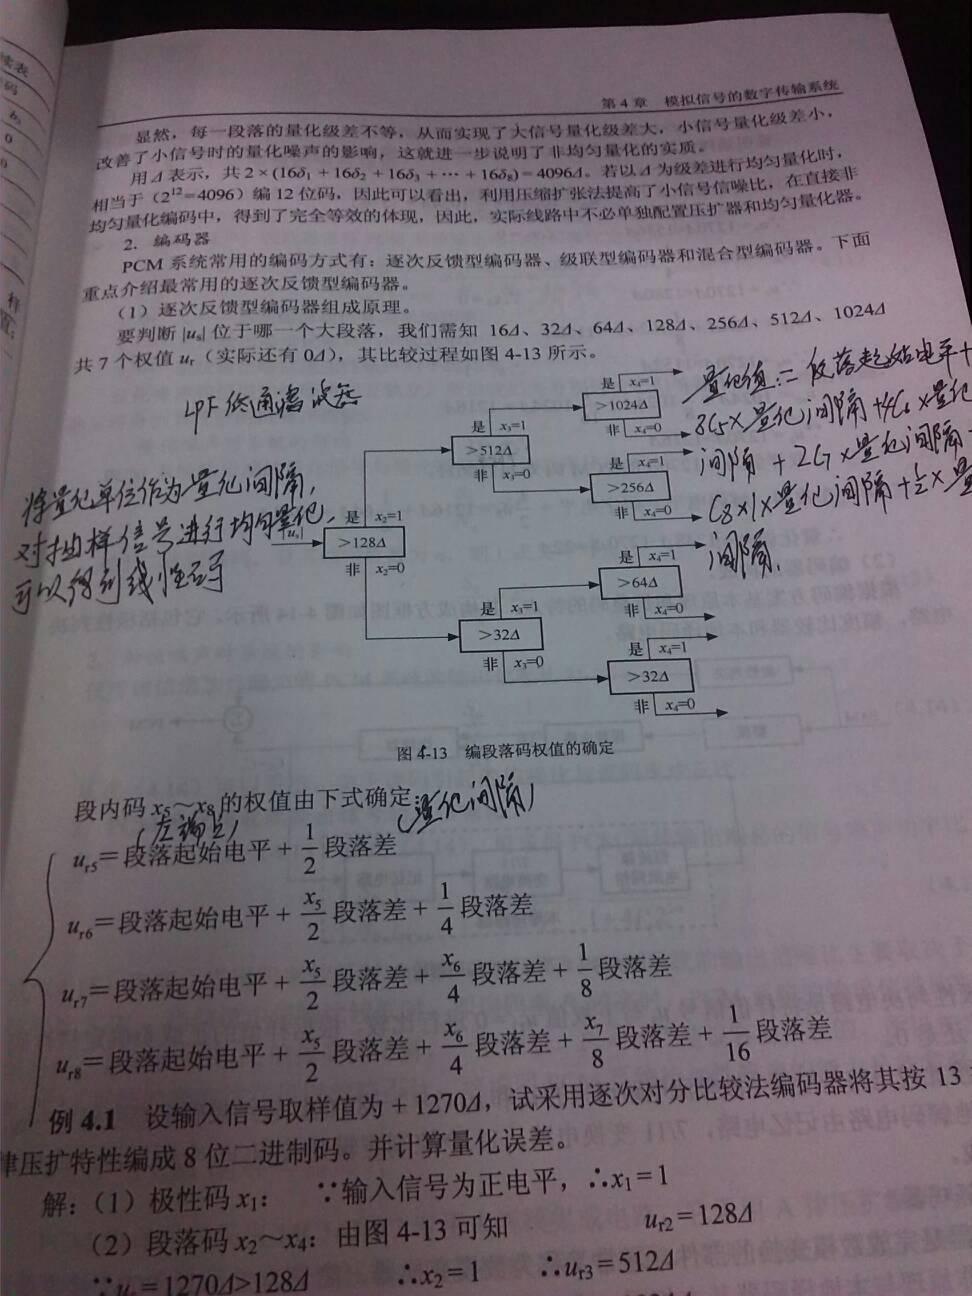 土木工程求职自荐�_通信工程专业英文求职信范文